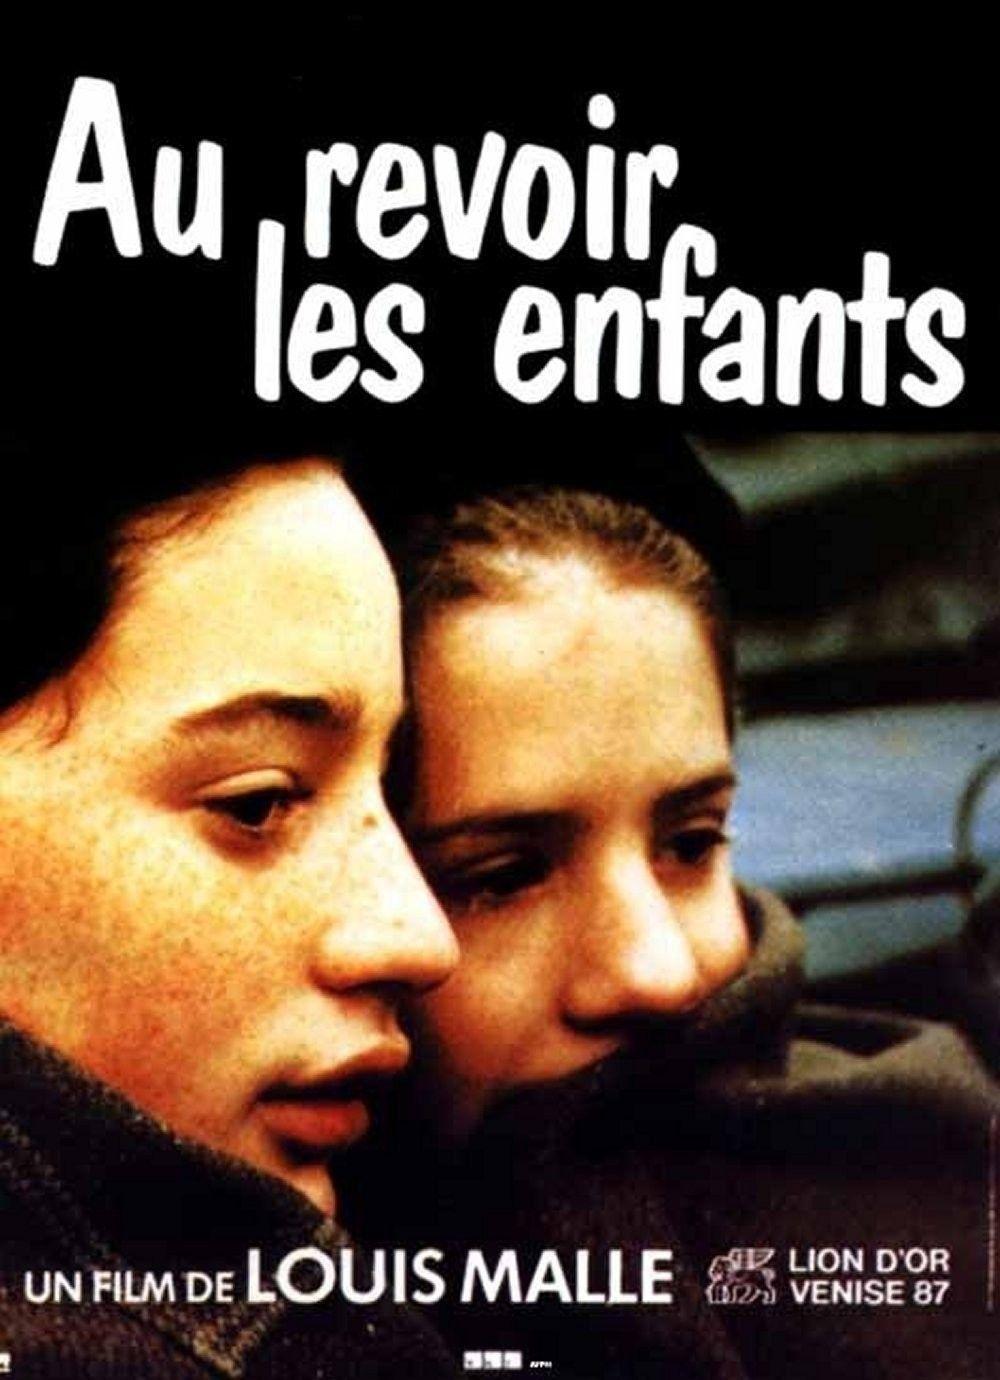 Votre dernier film visionné Au_revoir_les_enfants